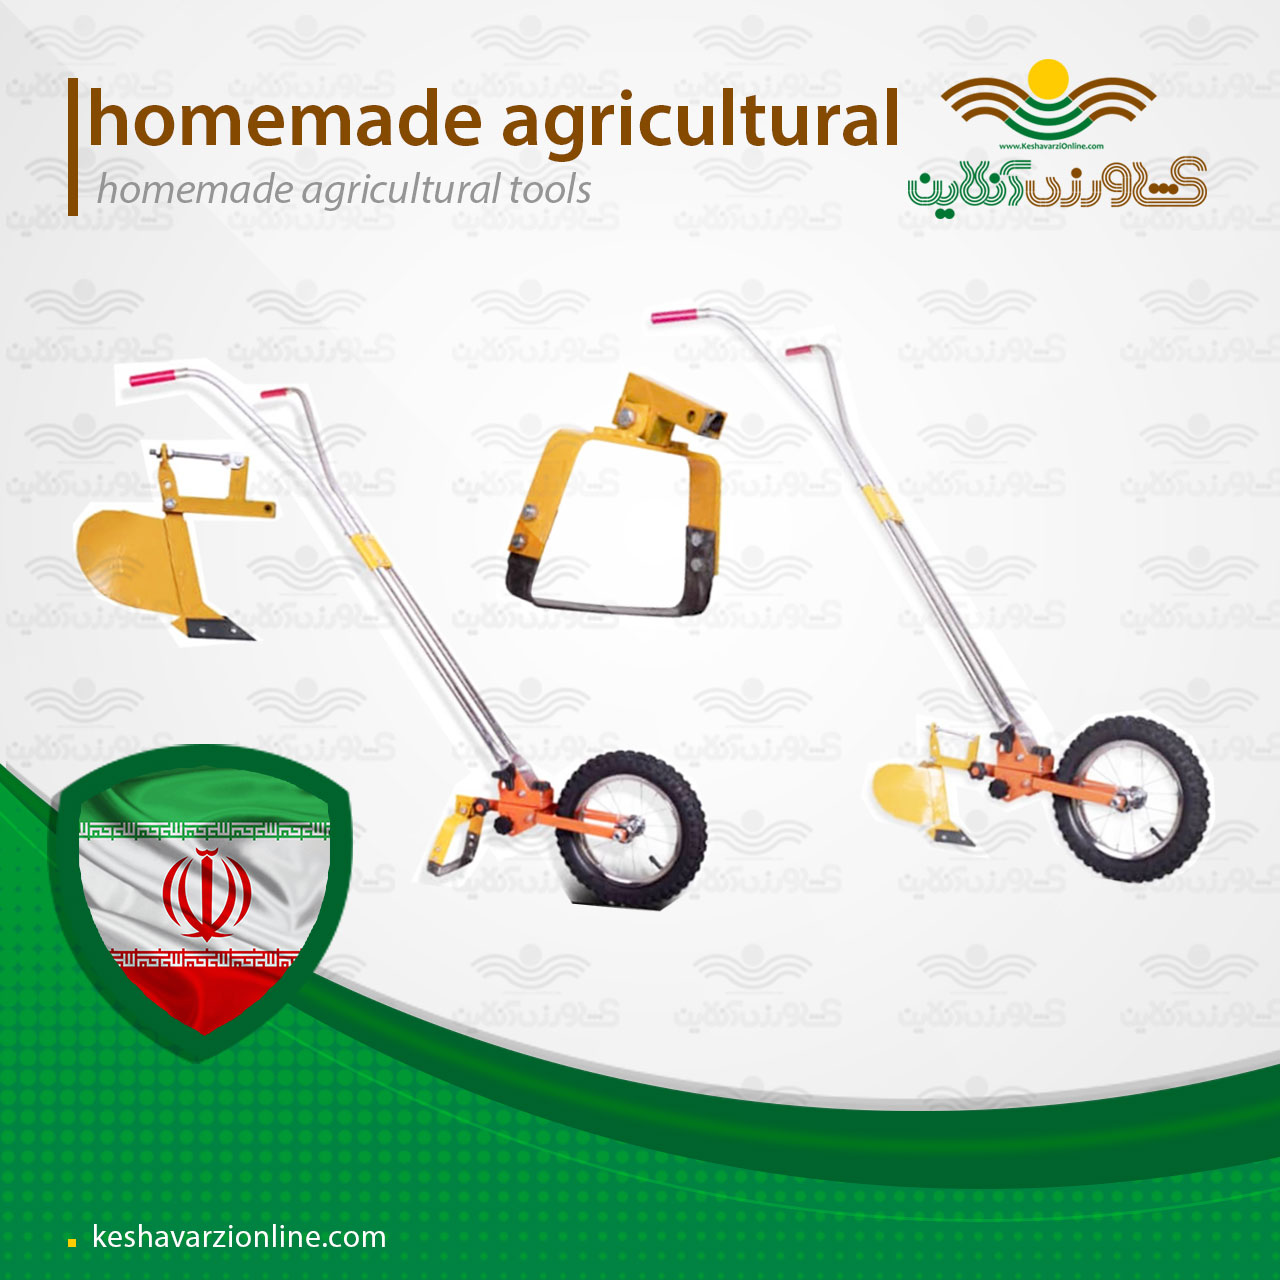 کاربردی ترین دستگاه چند کاره کشاورزی خانگی